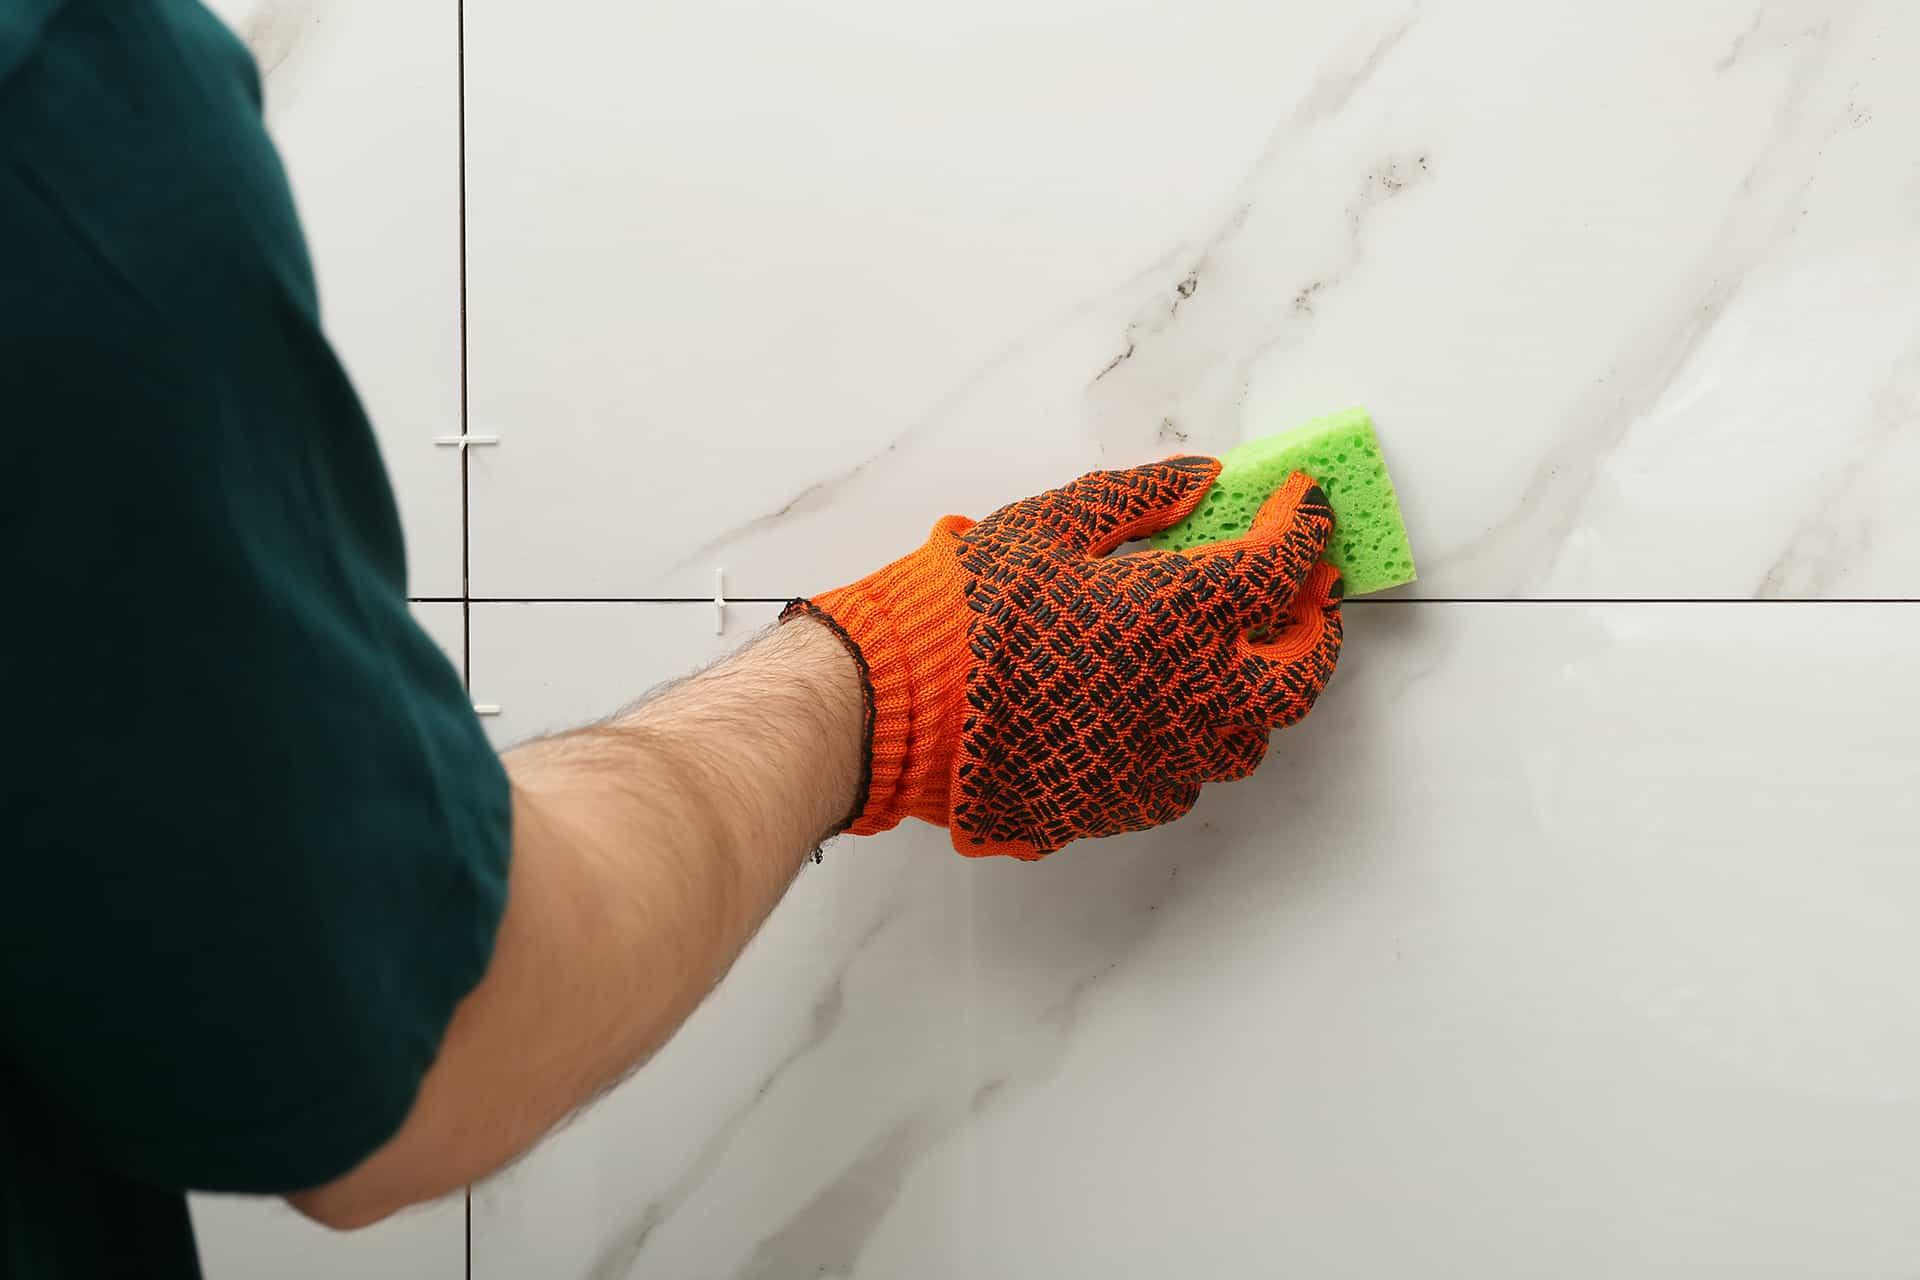 Czyszczenie fug gąbką do mycia naczyń